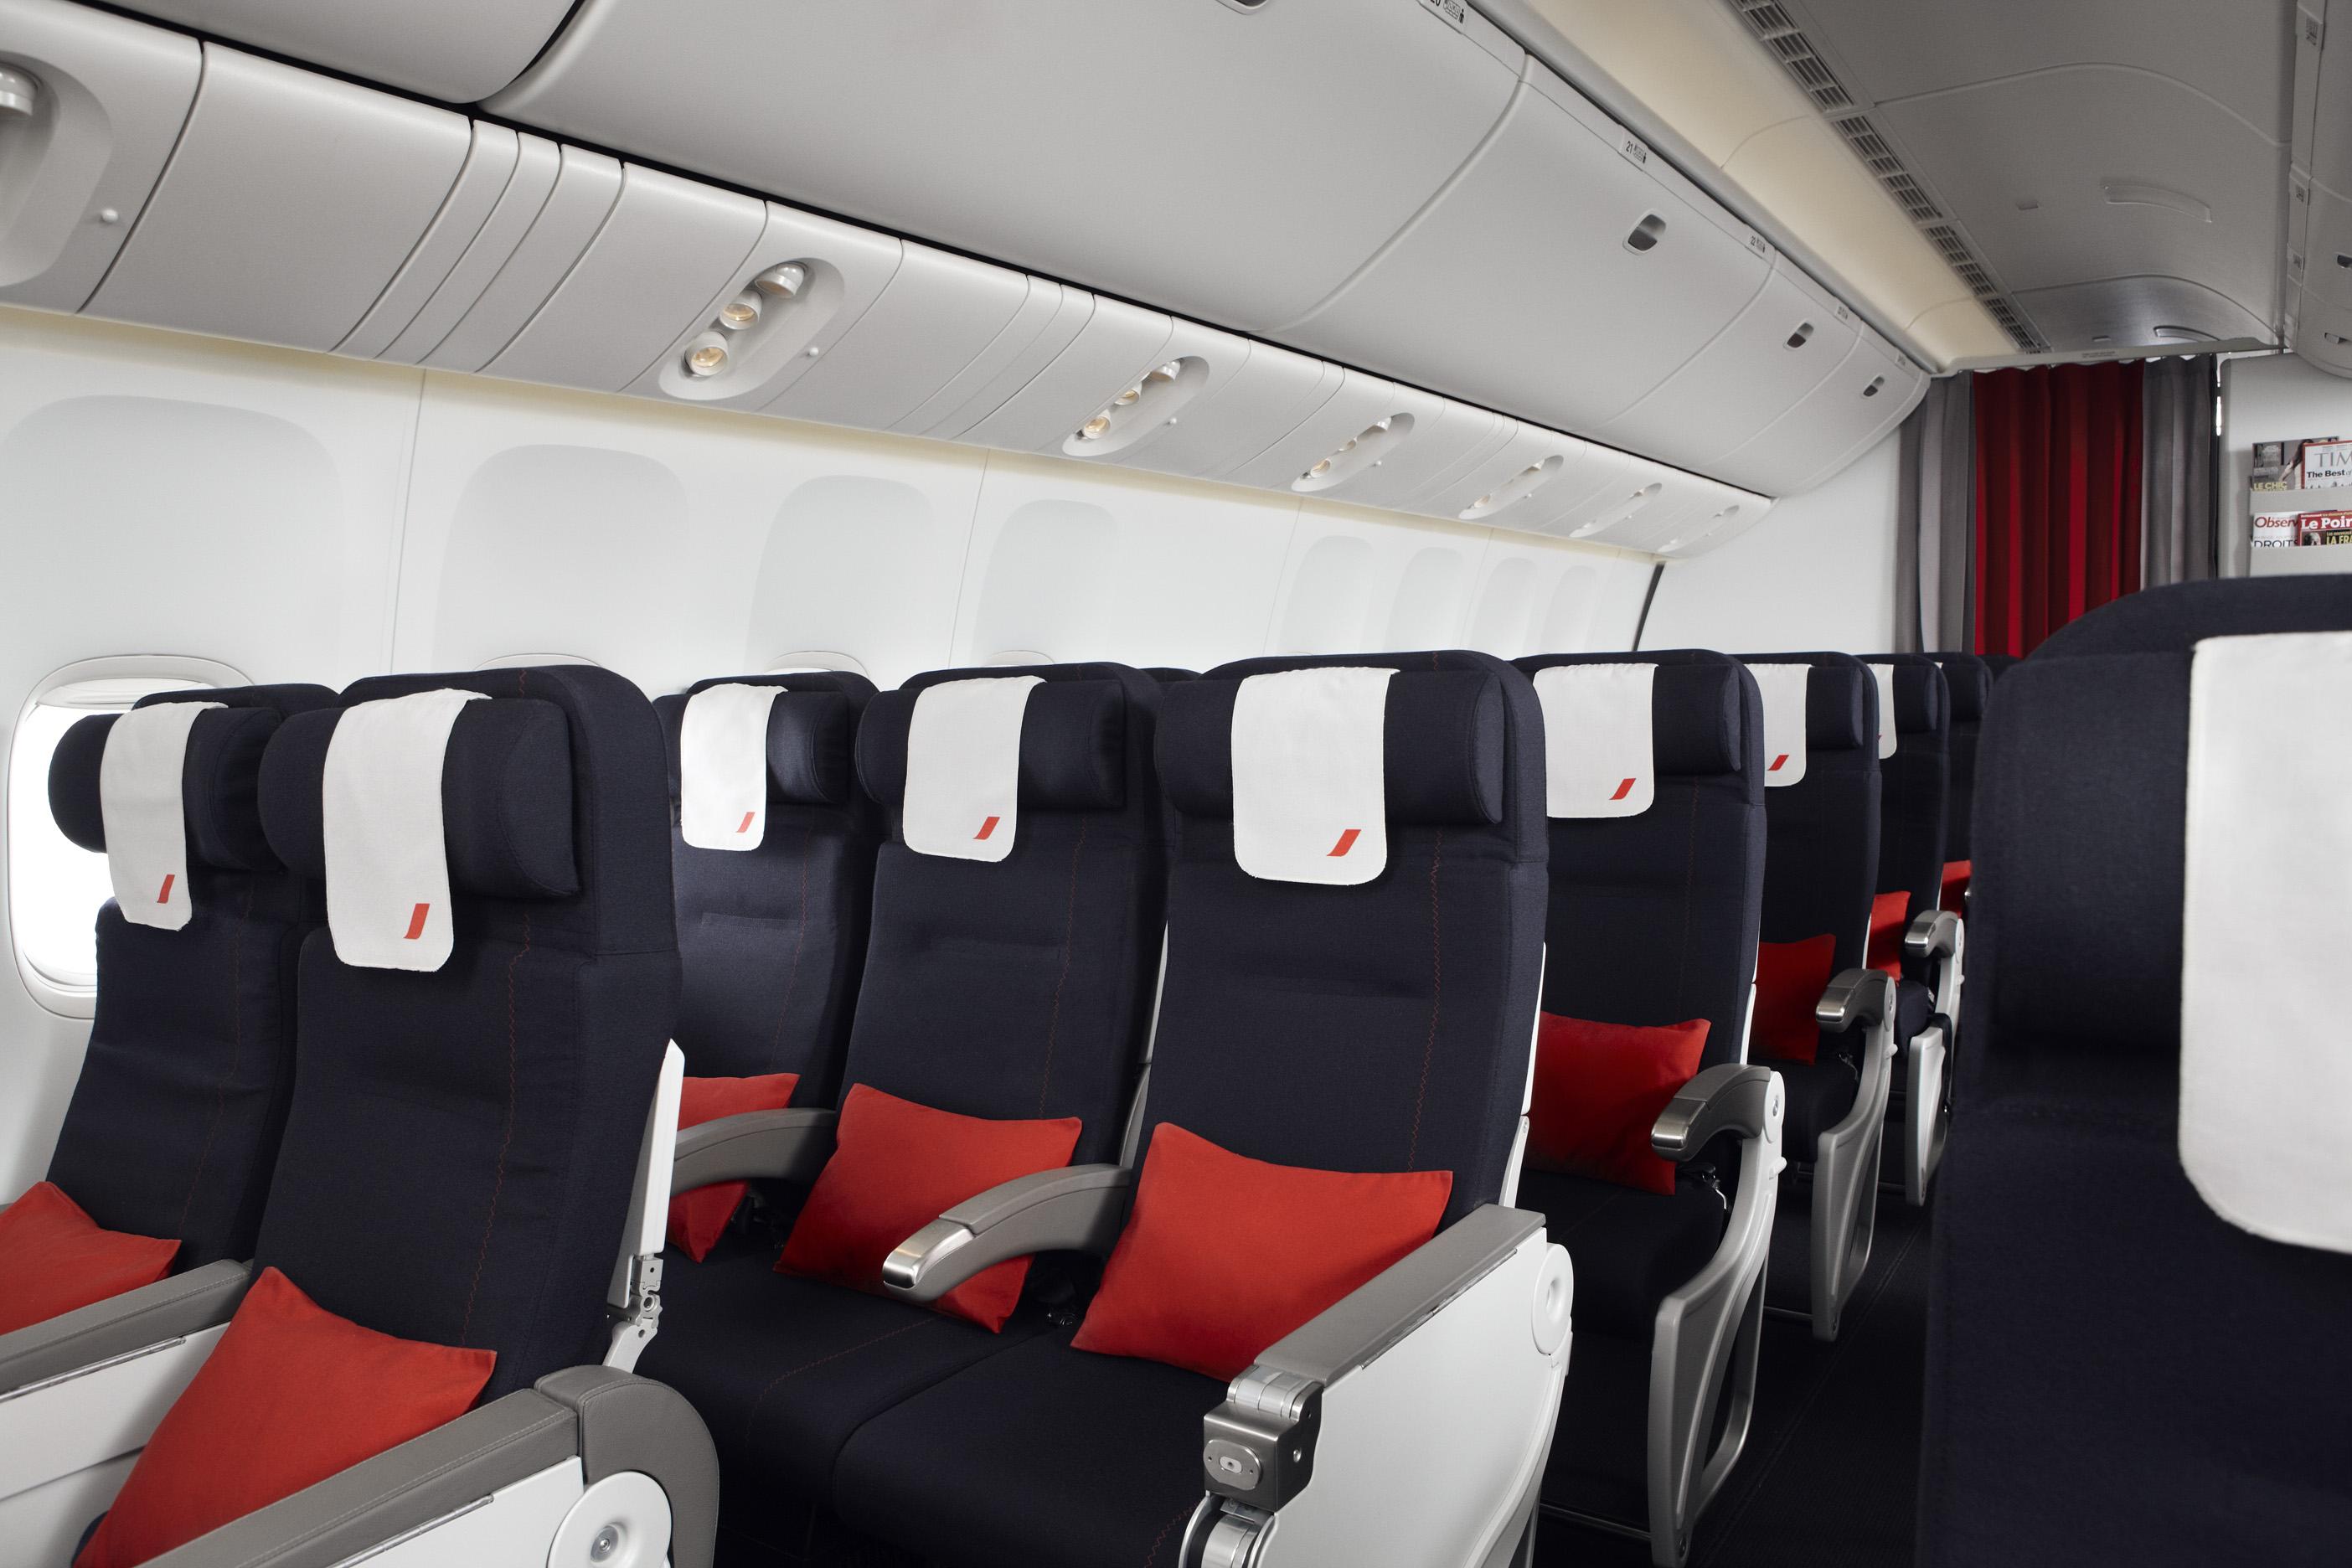 Air france priorit au service des clients for Air france interieur classe economique